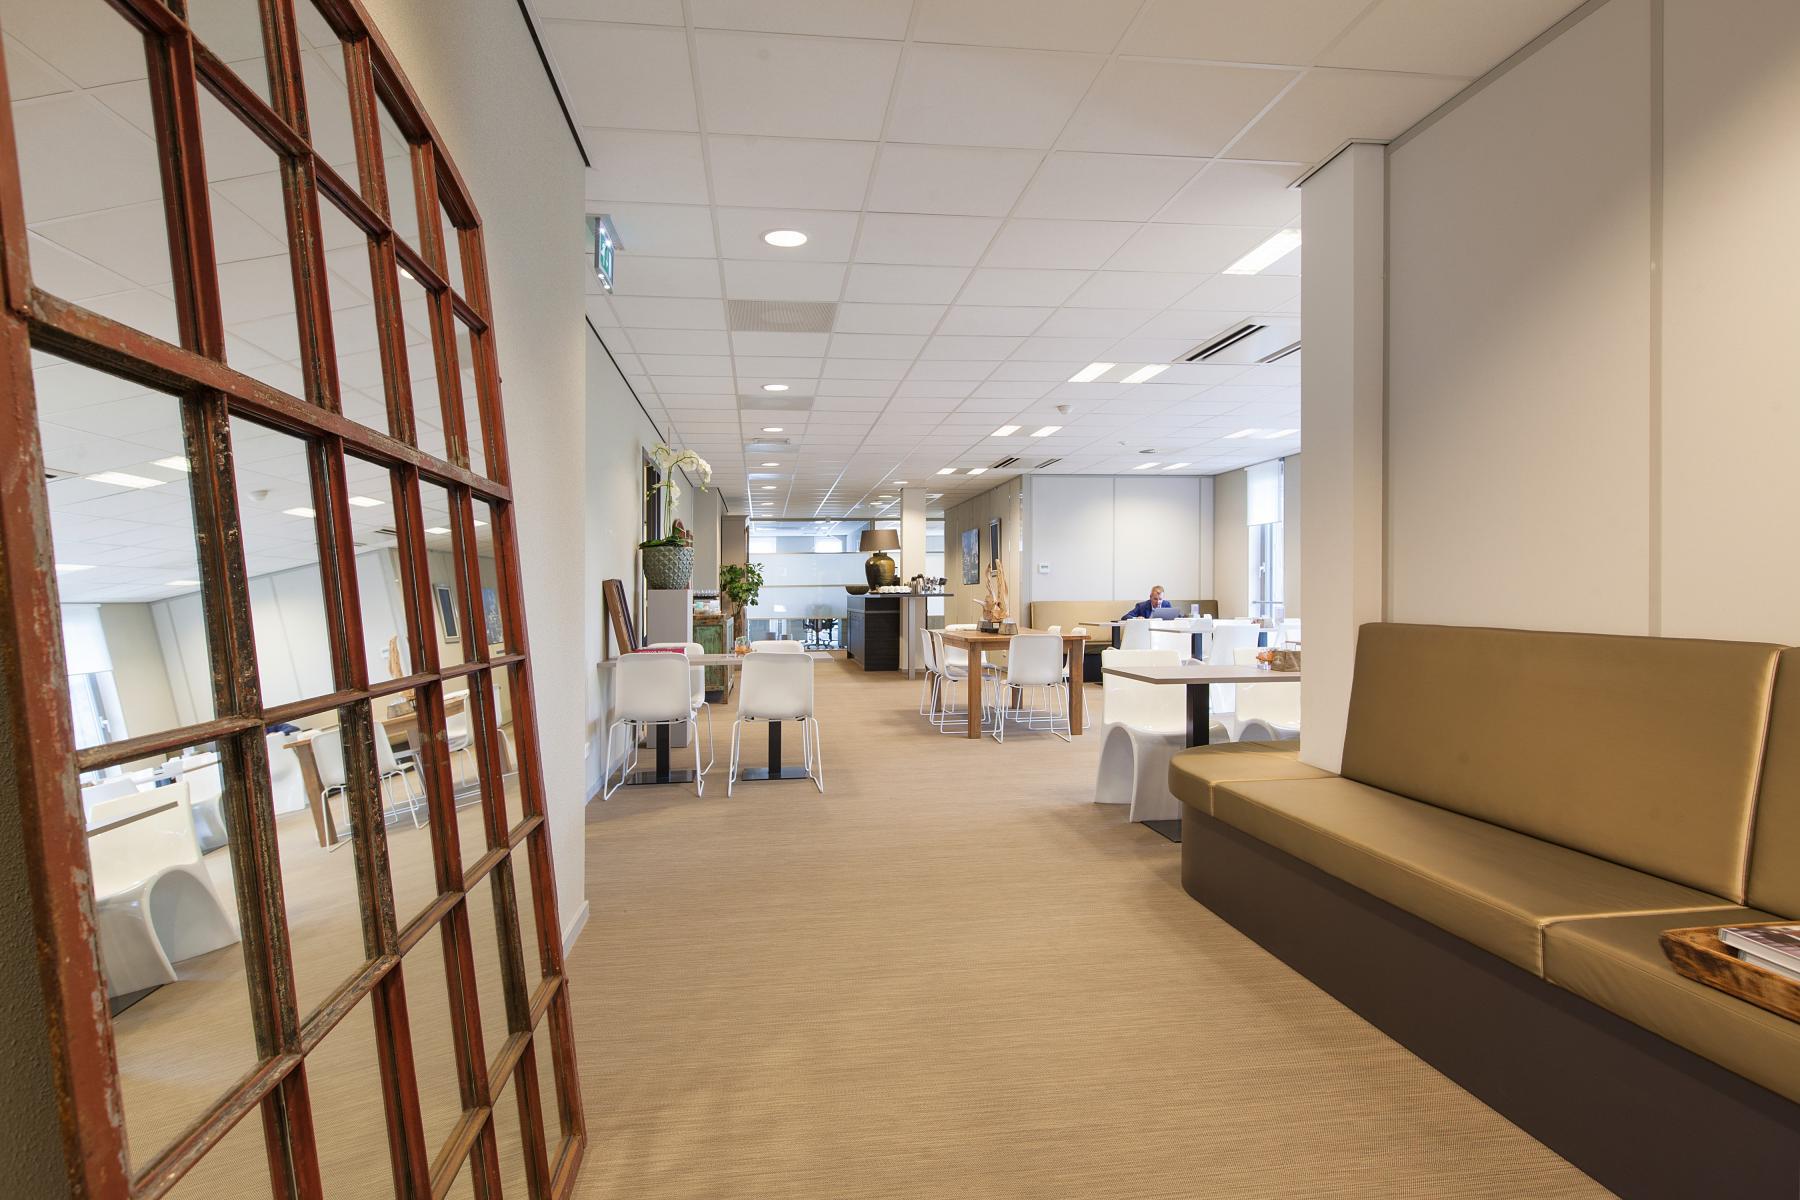 Utrecht Orteliuslaan bedrijfsruimte te huur